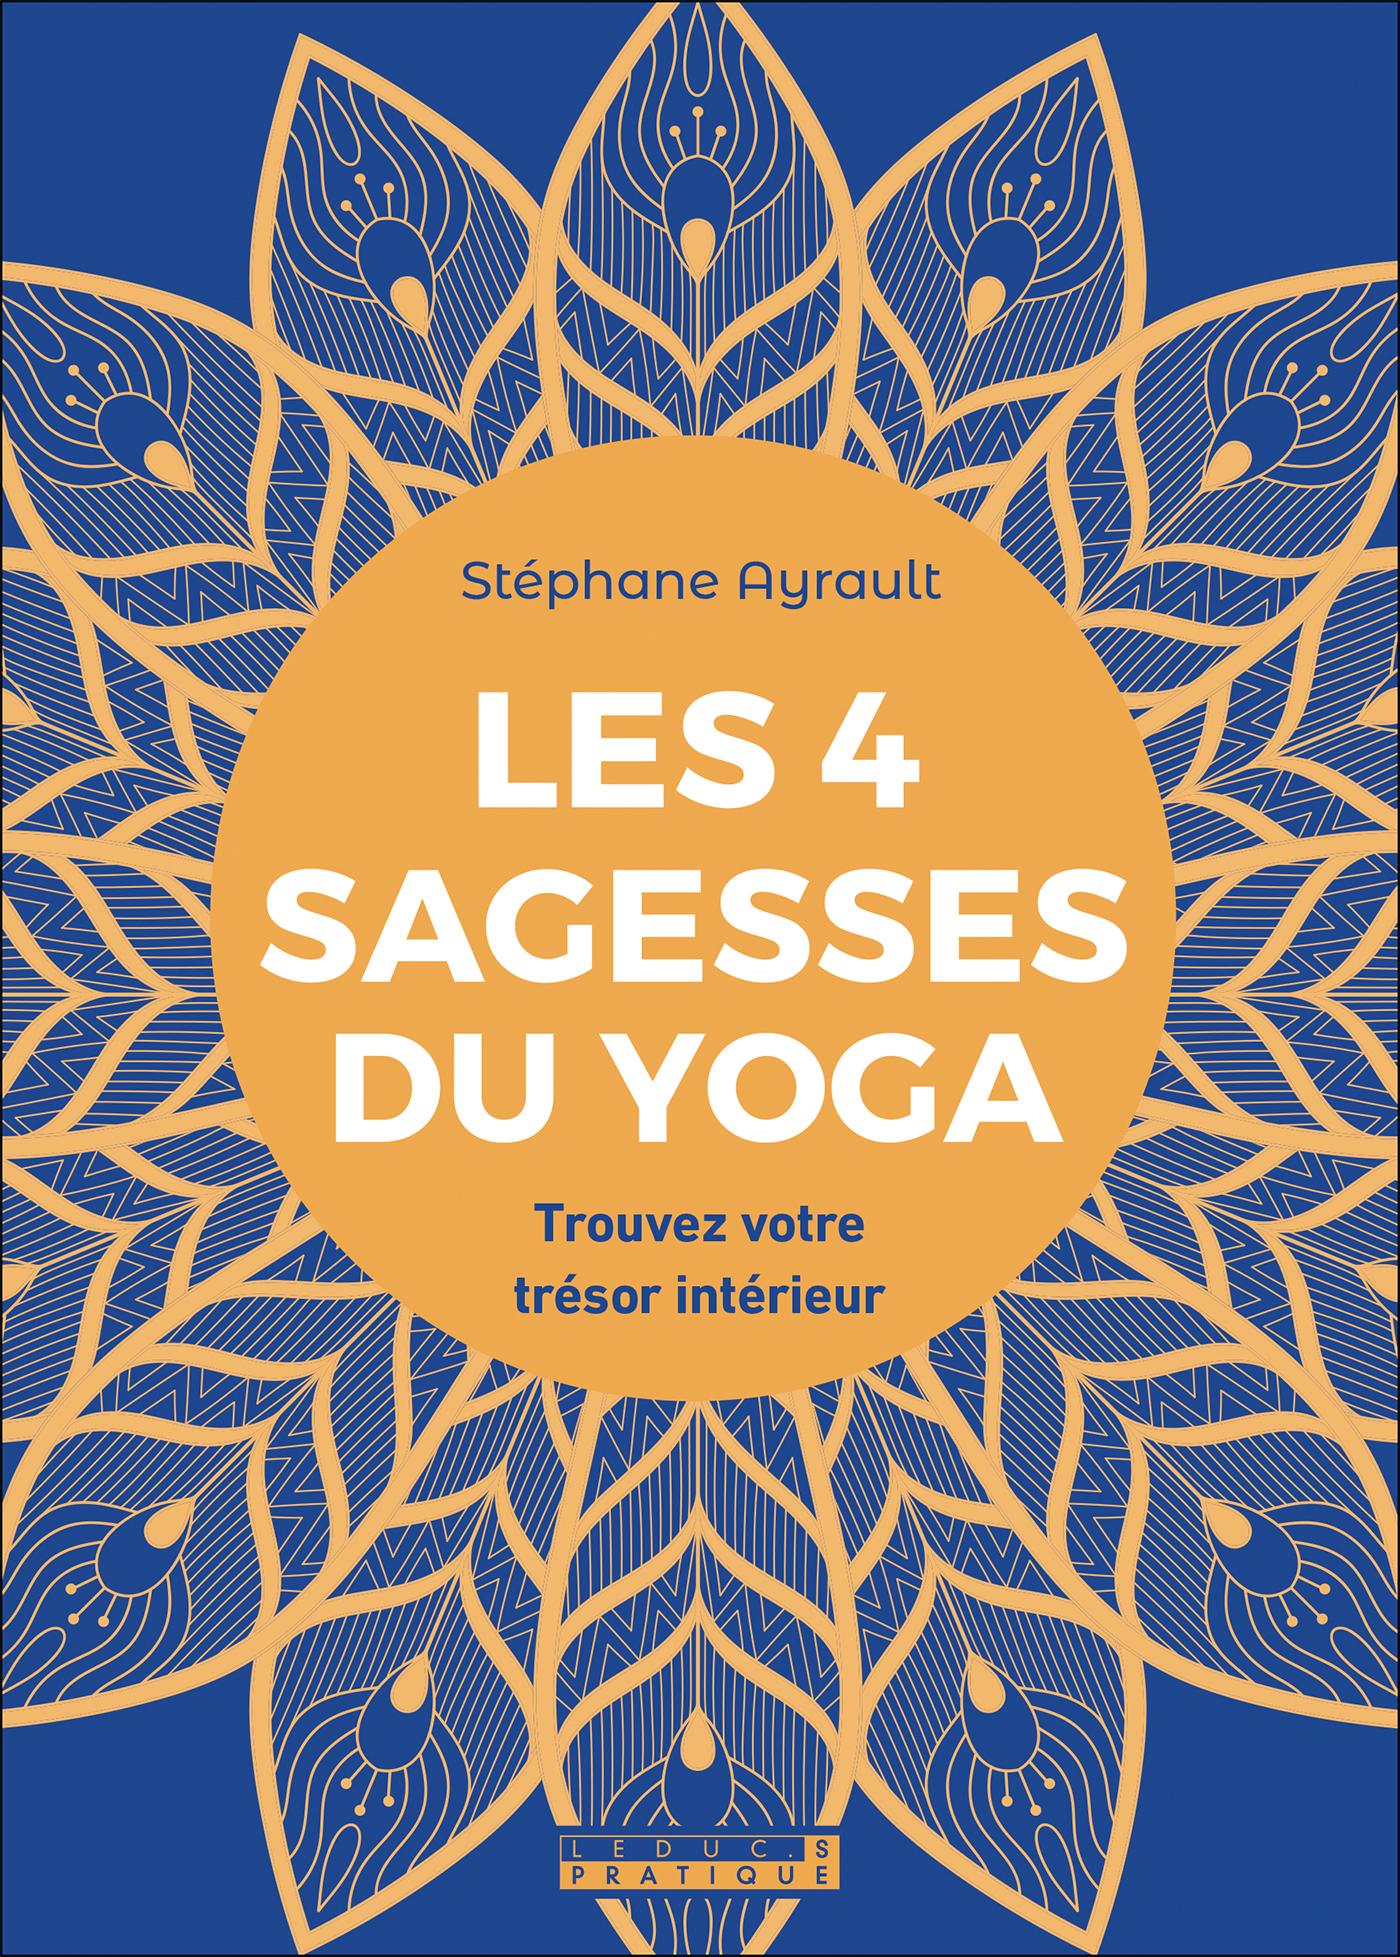 Vignette du livre Les 4 sagesses du yoga : trouvez votre trésor intérieur